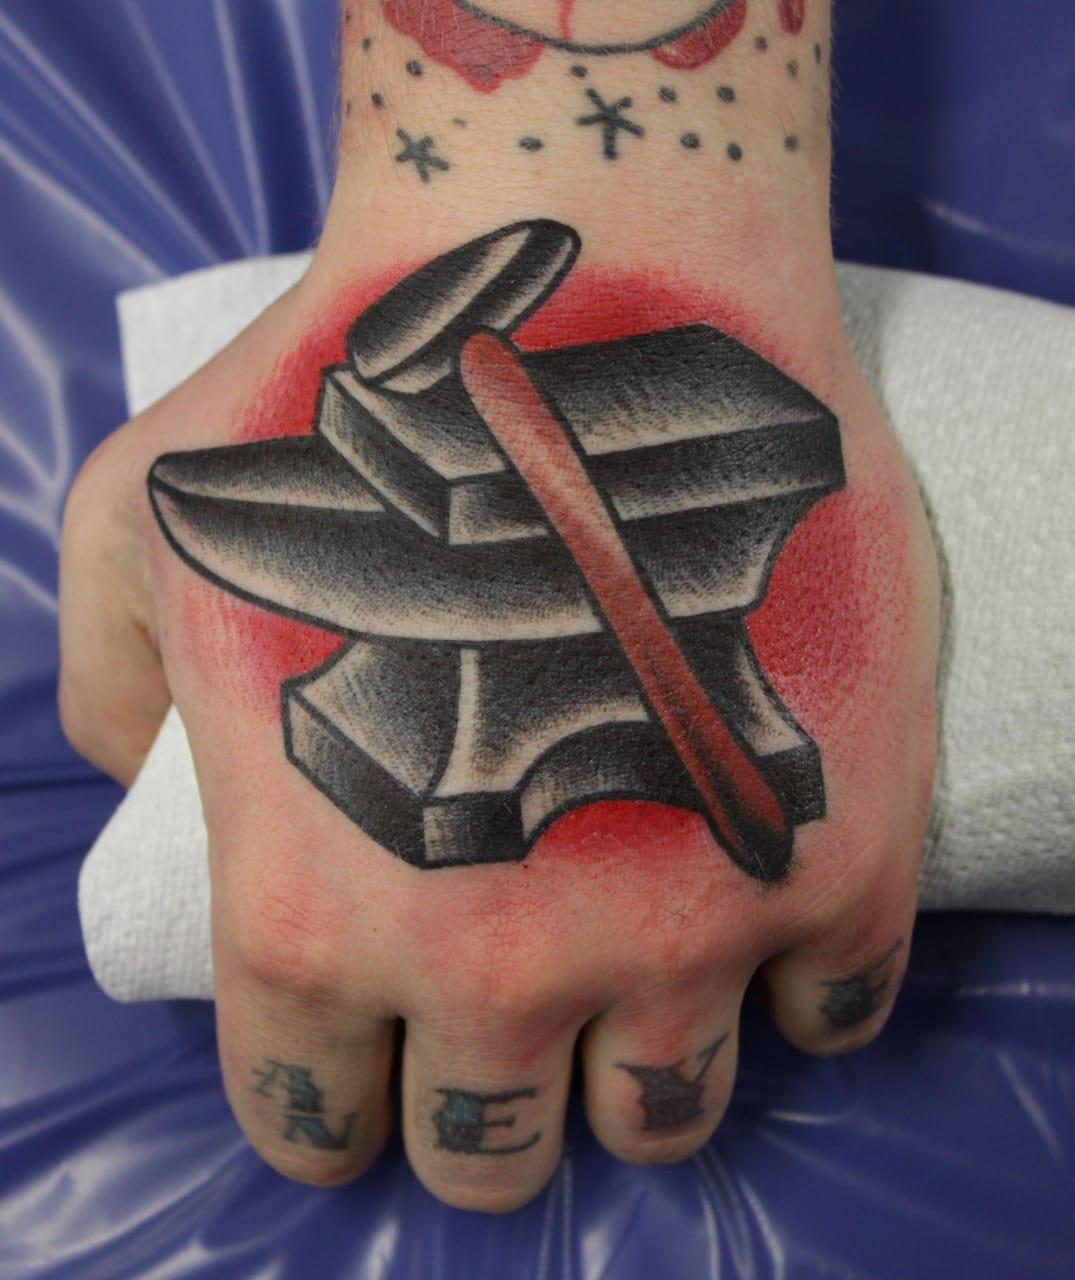 Old school anvil hand tattoo